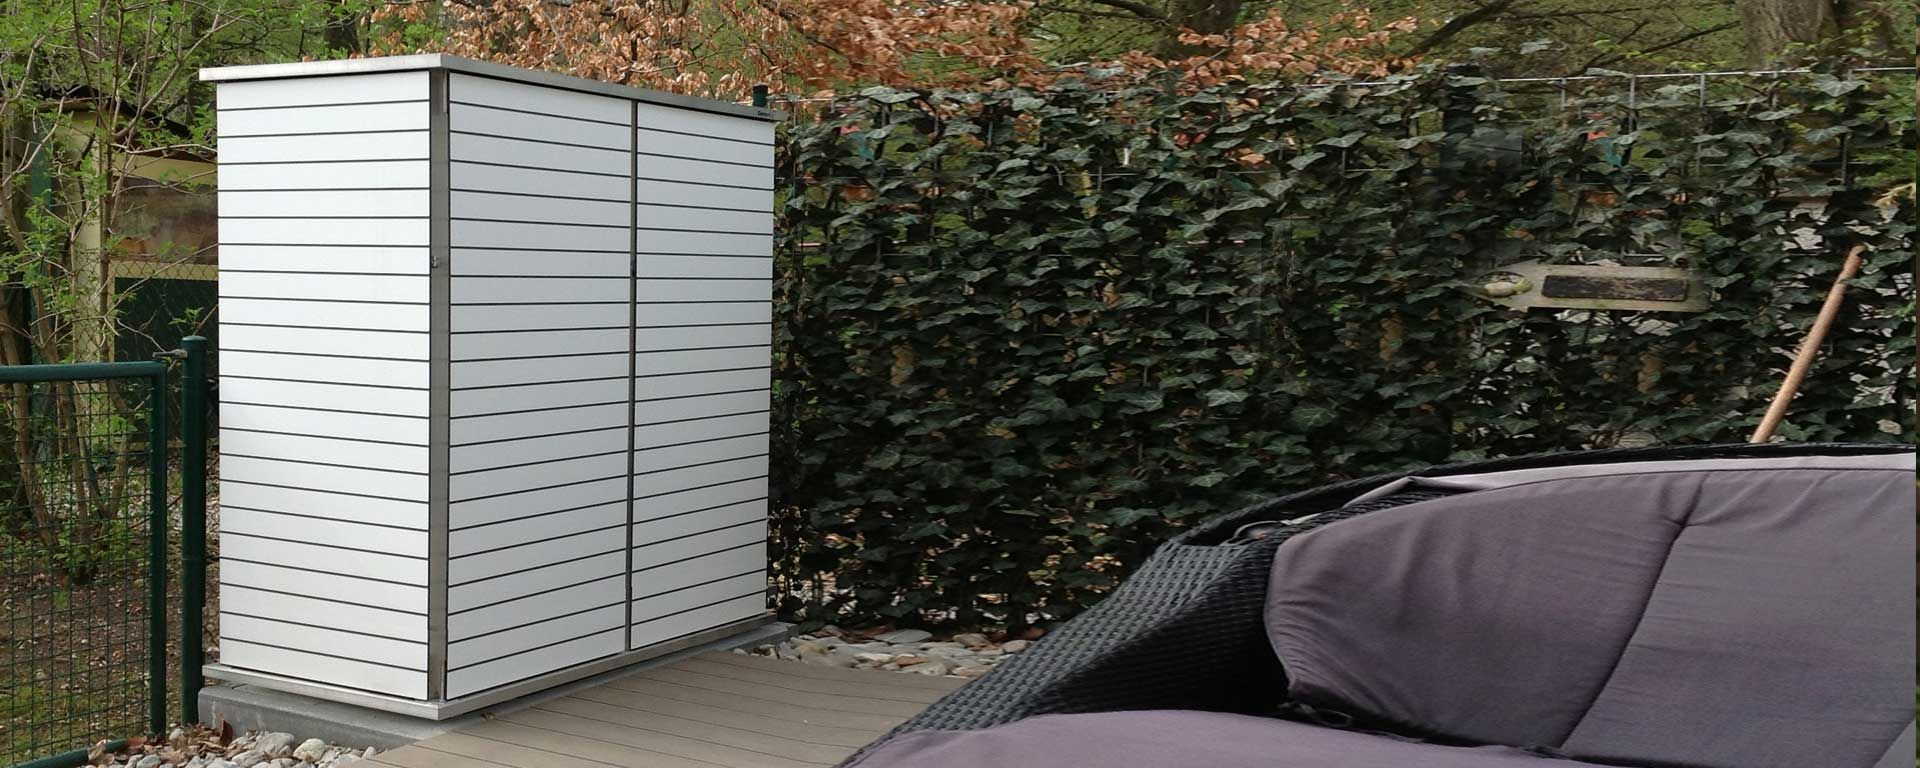 Gartenschrank Weiss Mit Hpl Turen Und Alurahmen Die Turen Konnen In Beliebigen Farben Und Dekoren Mit Schmalen Breit Gartenschrank Gartenschrank Metall Garten